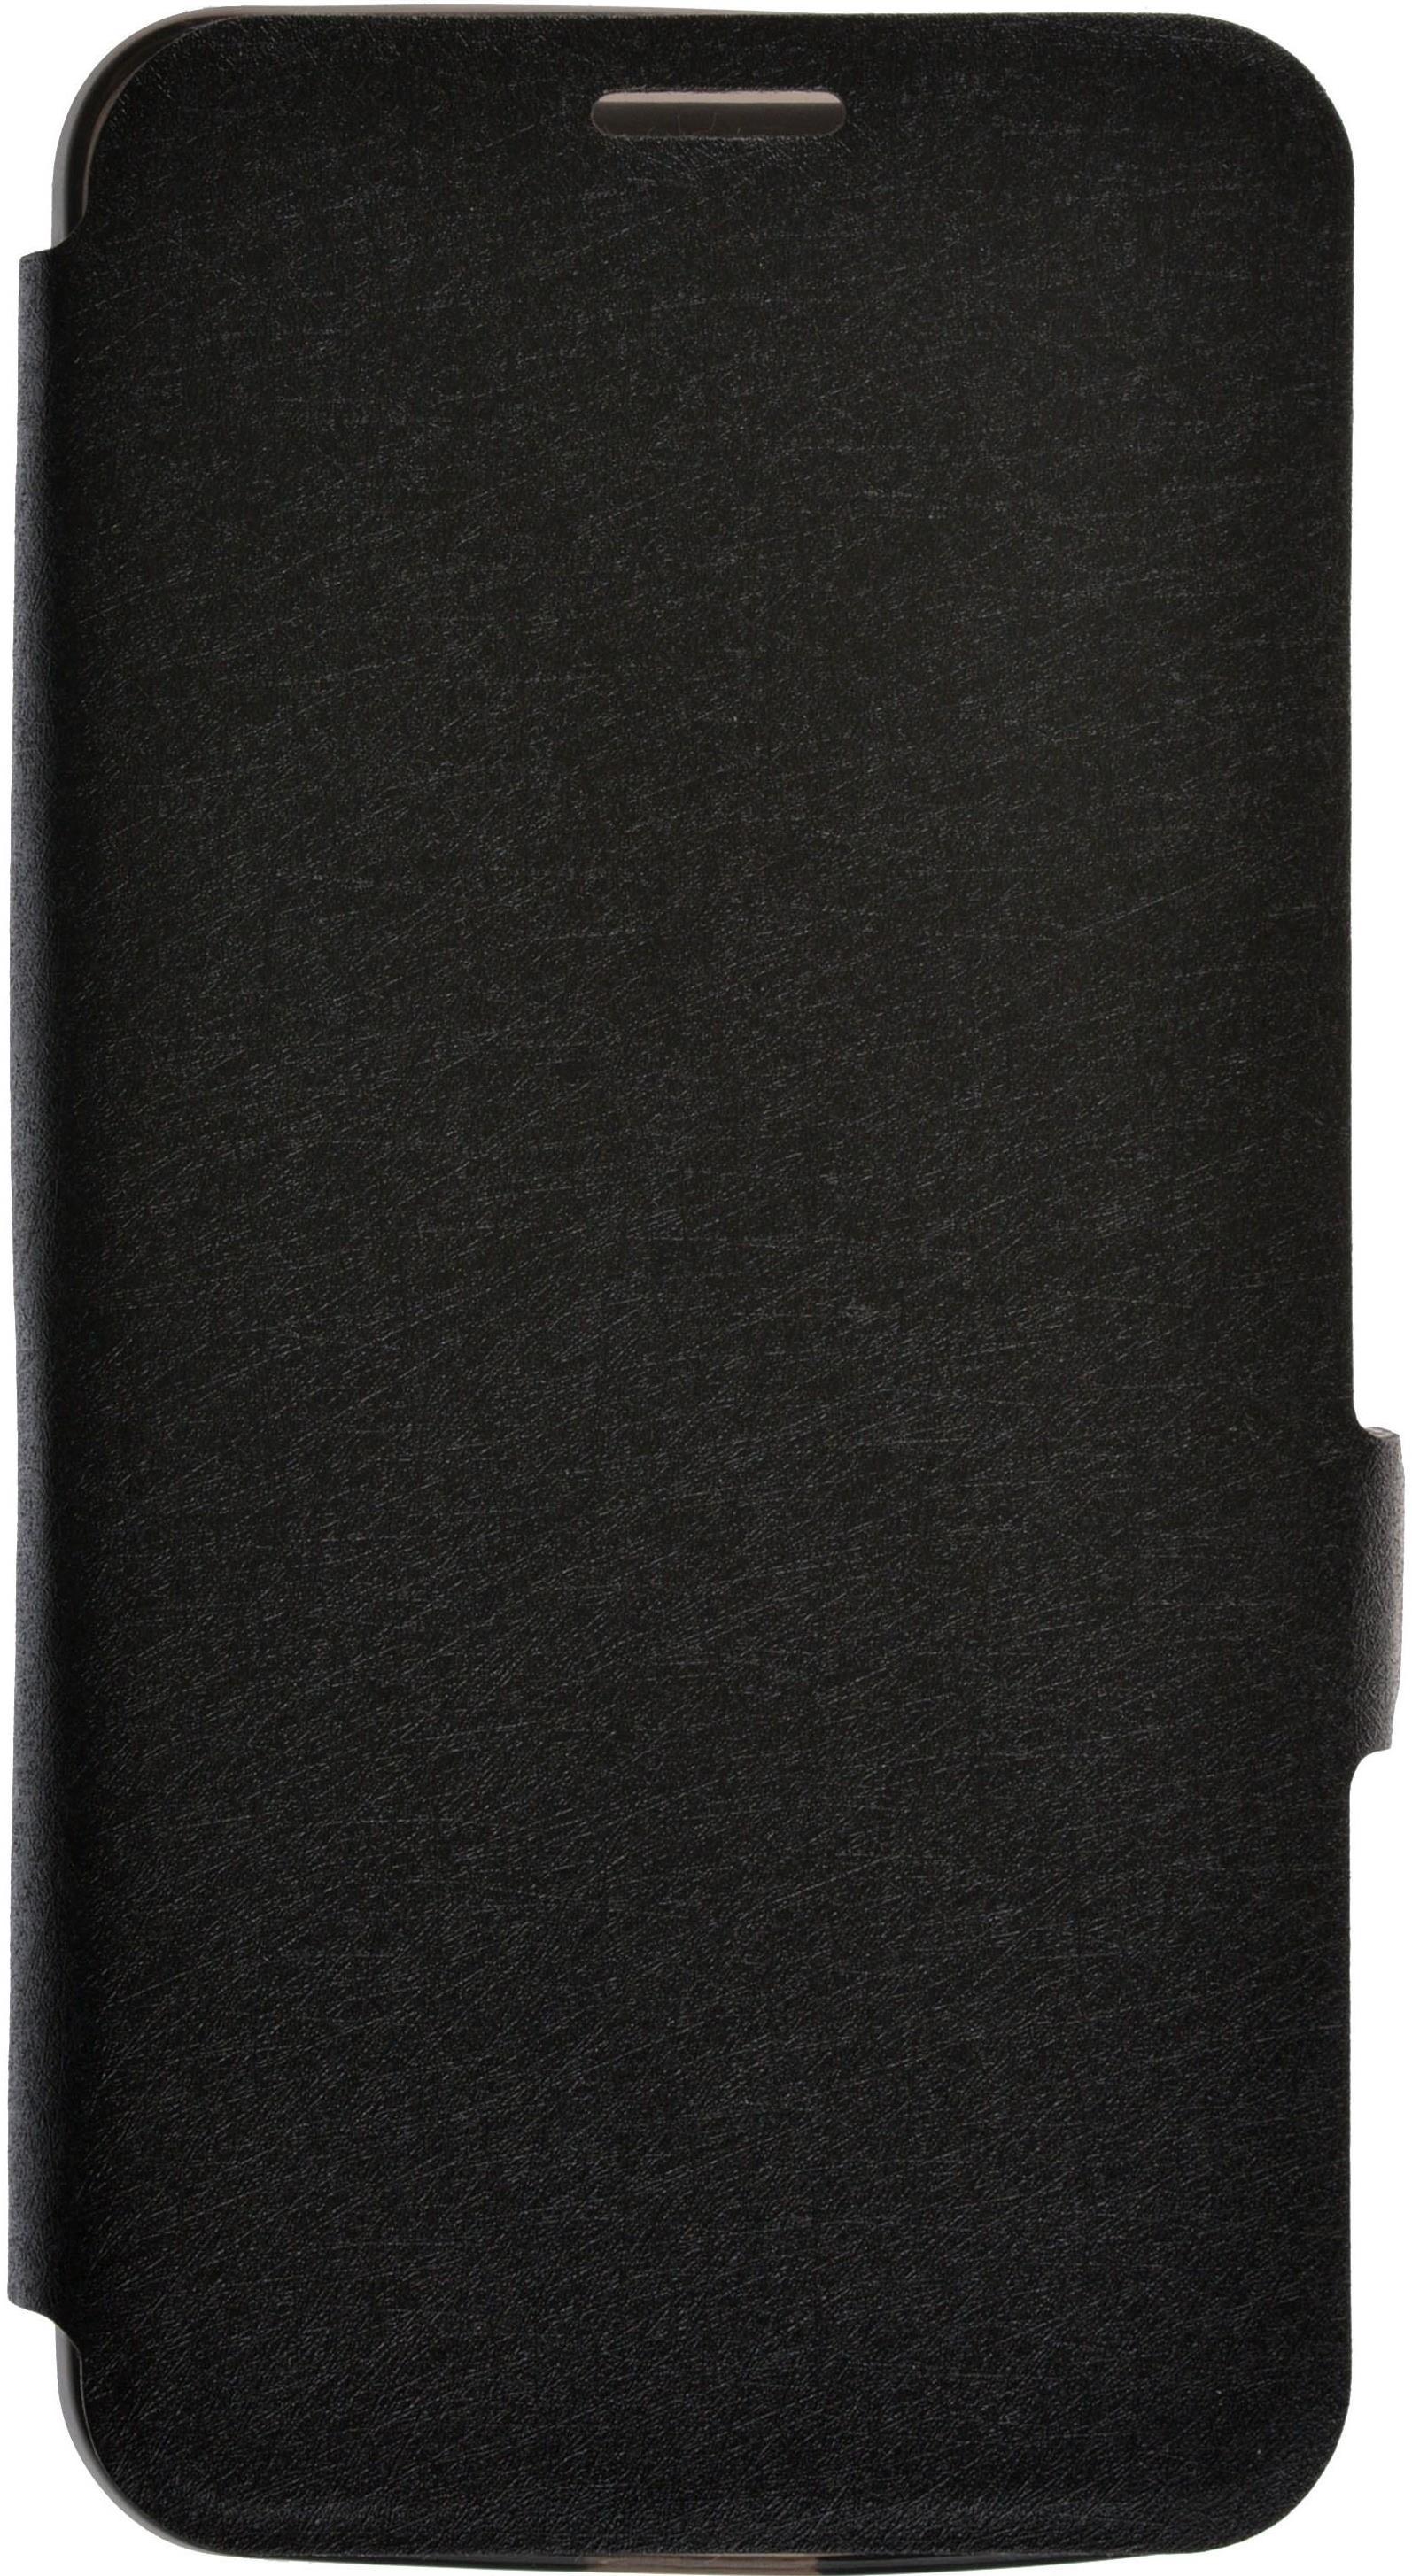 Чехол для сотового телефона PRIME Book, 4630042527515, черный недорого